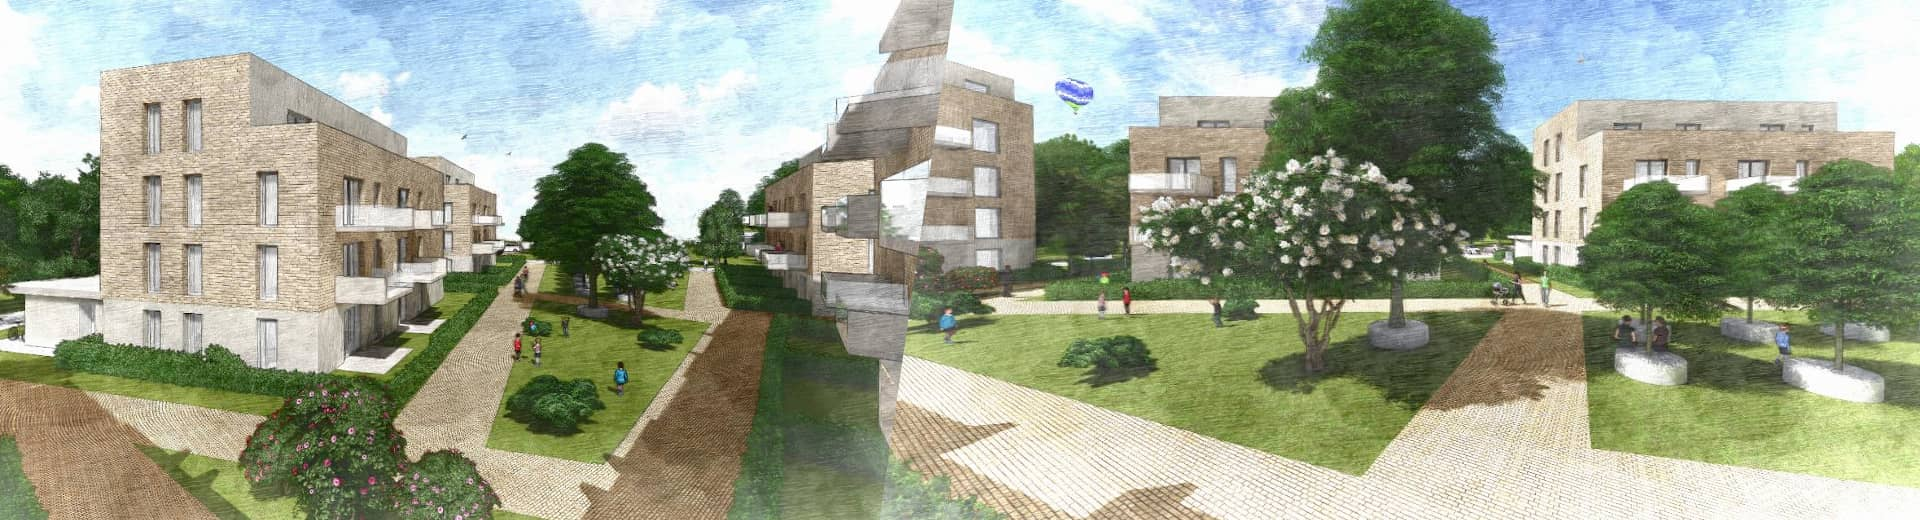 slider_2021_05_Neubauvorhaben_Klimaschutzsiedlung_Wohnpark_Spyck.jpg